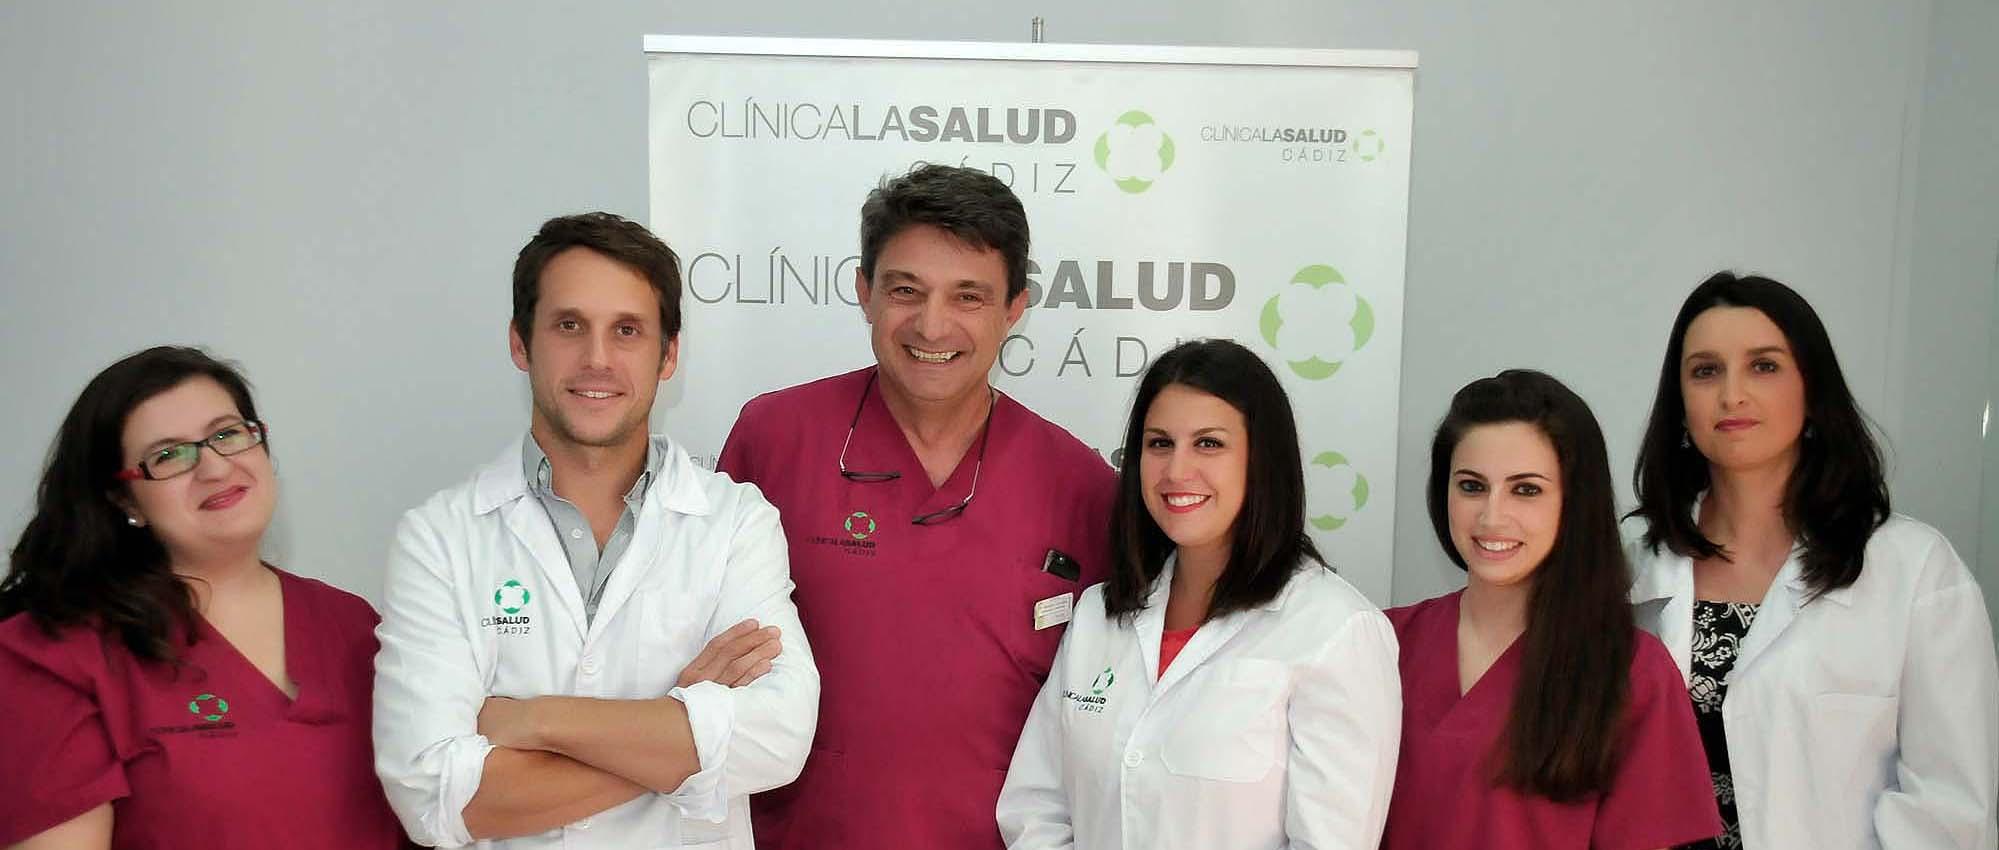 Equipo médico Clínica La Salud, Cádiz